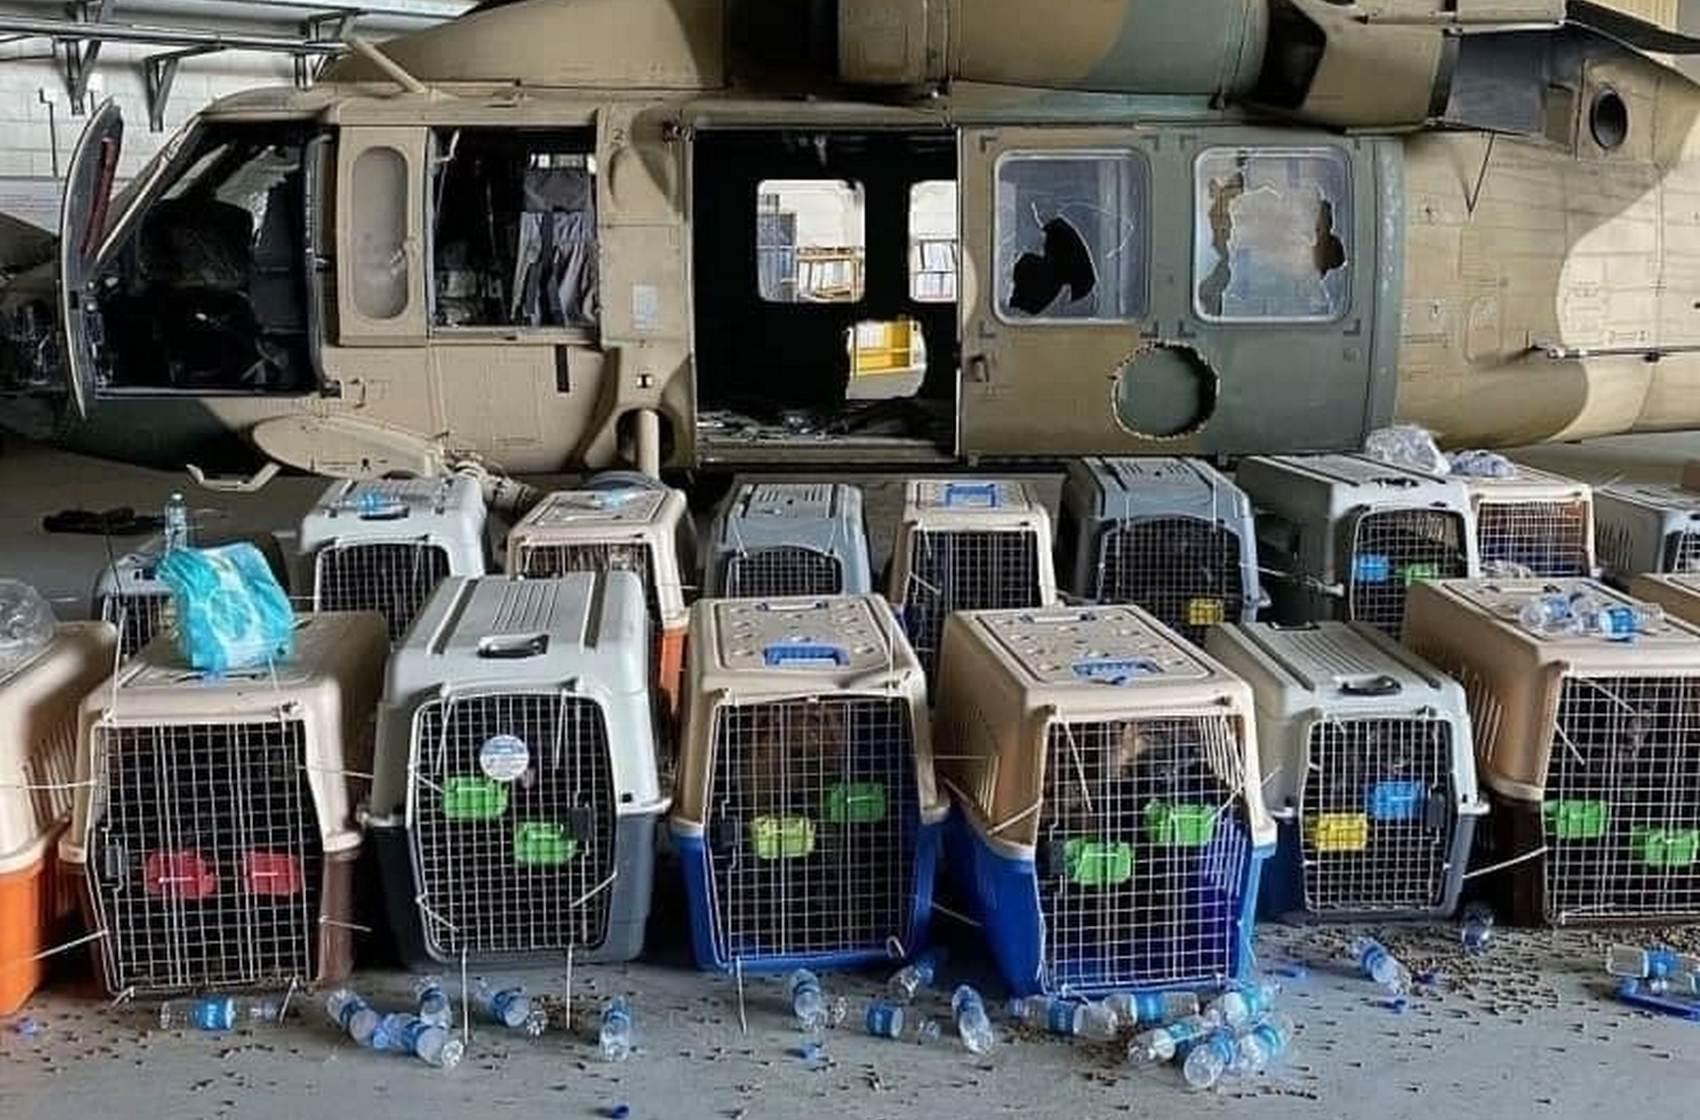 В Пентагоне отрицают, что ВС США оставили в Афганистане служебных собак в клетках